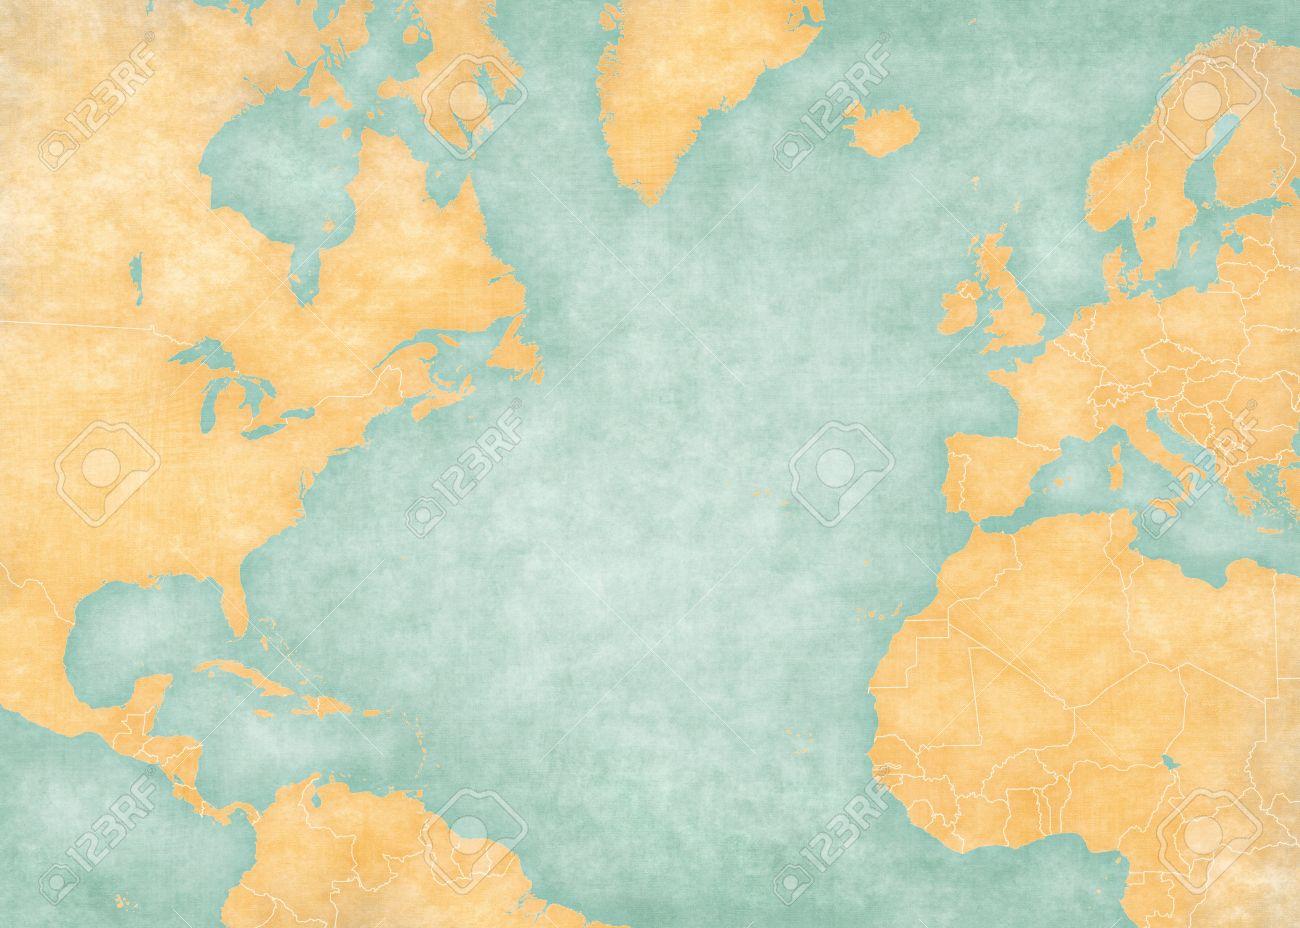 Cartina Muta Dell Europa Con I Confini.Immagini Stock Mappa Muta Di Oceano Atlantico Del Nord Con I Confini Nazionali La Mappa E In Stile Dell Annata Di Estate E L Umore Di Sole La Mappa Ha Grunge Morbido E